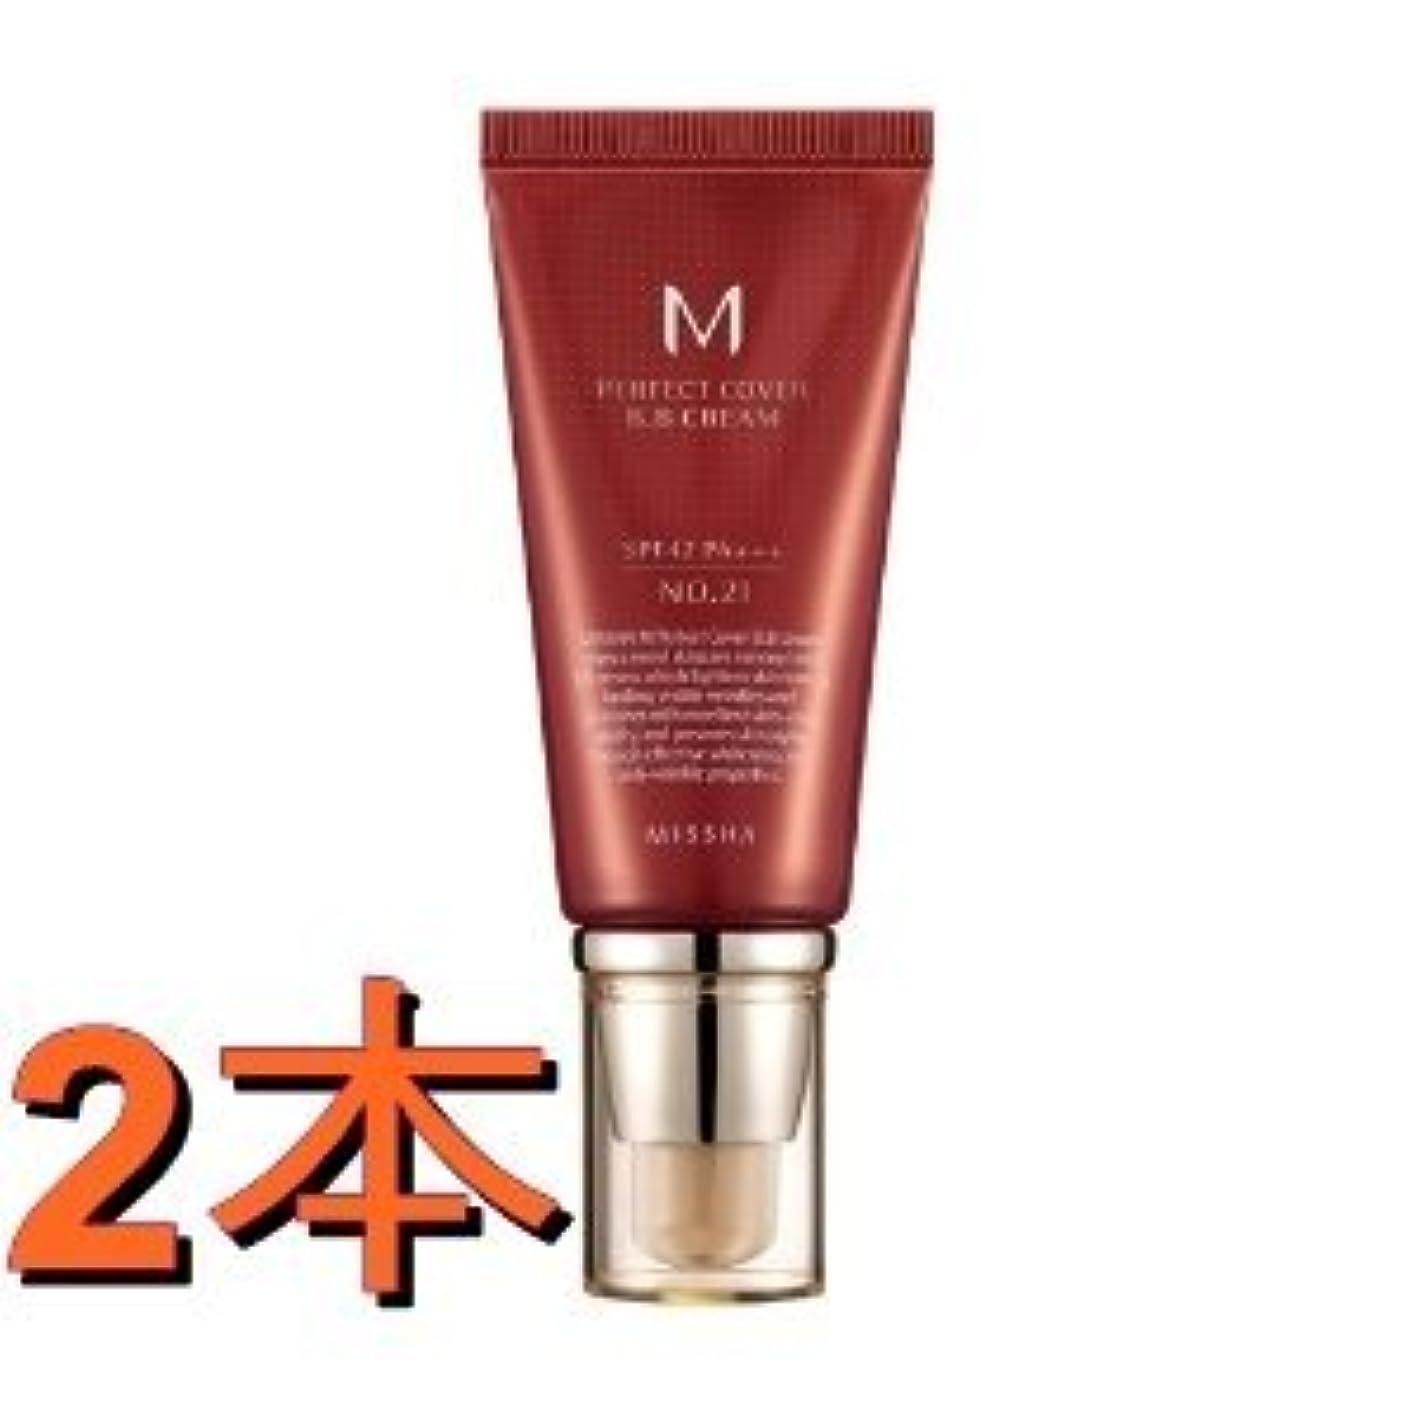 やりすぎけん引いうミシャ(MISSHA) M パーフェクトカバー BB クリーム 2本セット NO.23 (ナチュラルでおちつきのある肌色) SPF42 PA++ 50ml[並行輸入品]